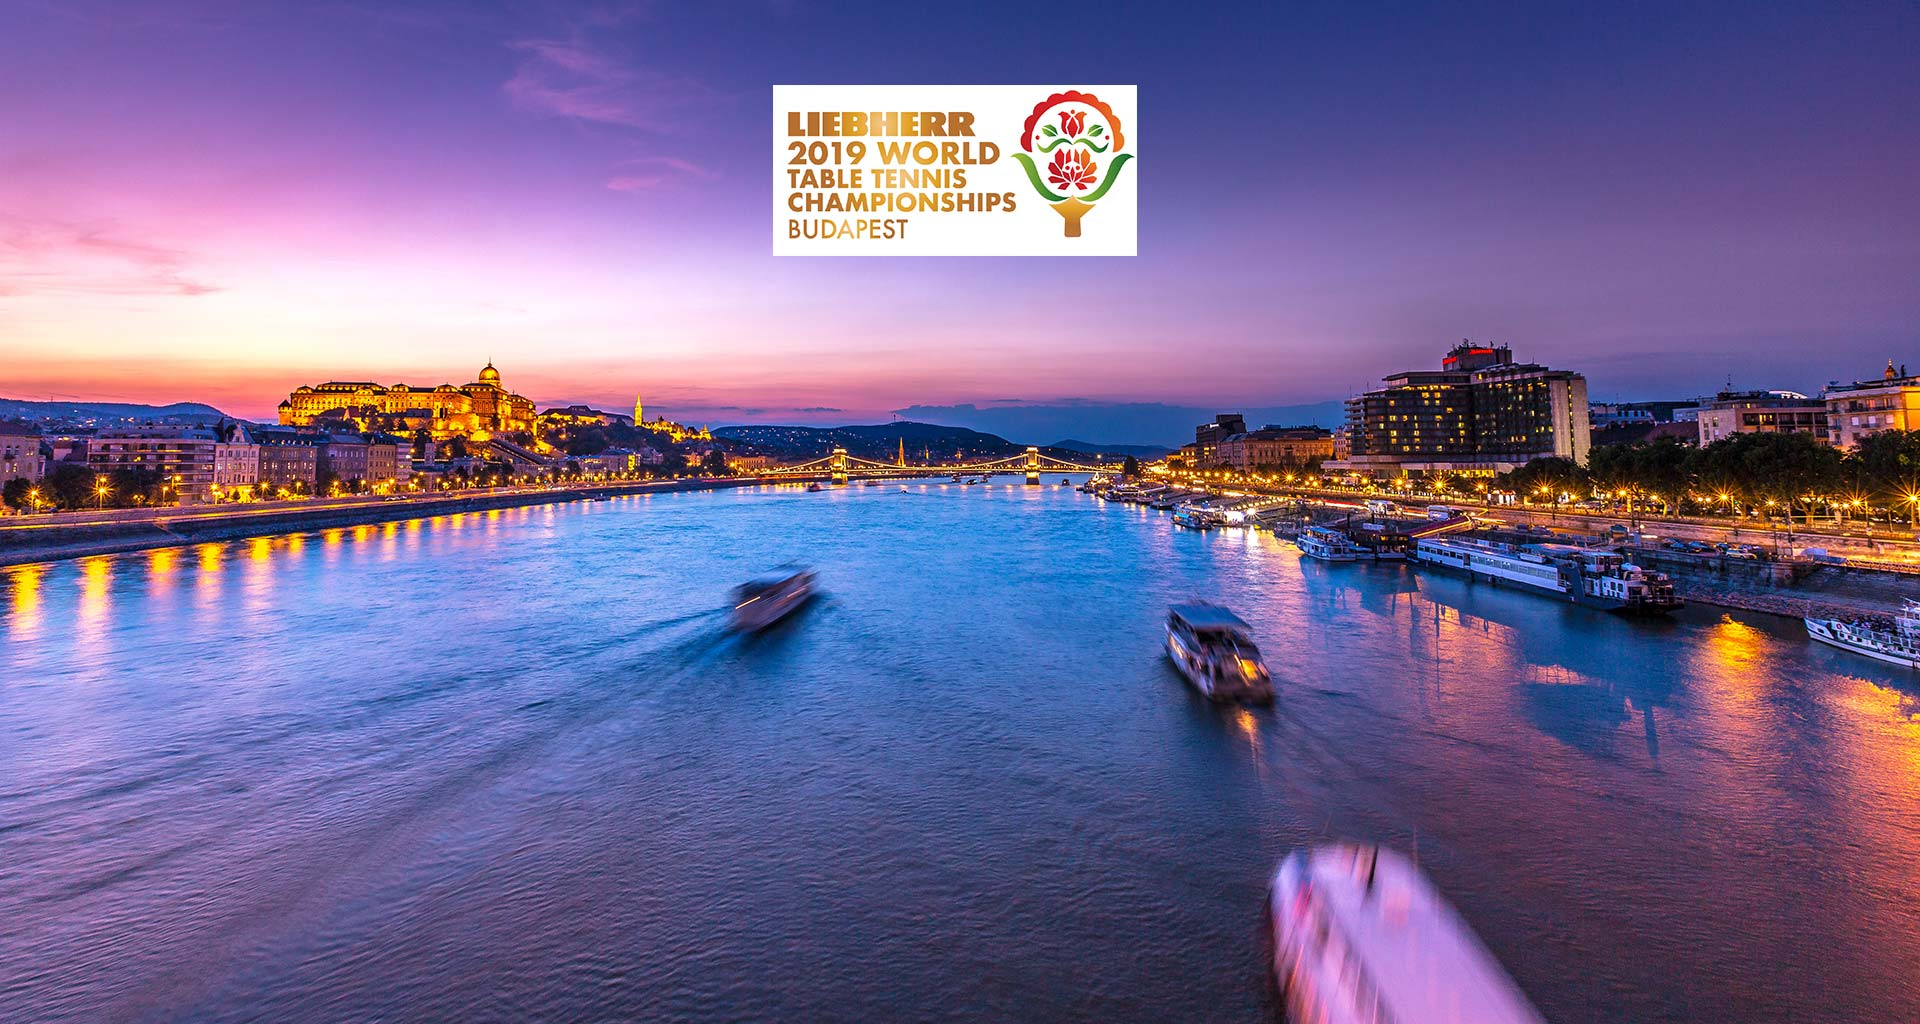 Aktuelle Tischtennis – Events 2019 jetzt buchbar